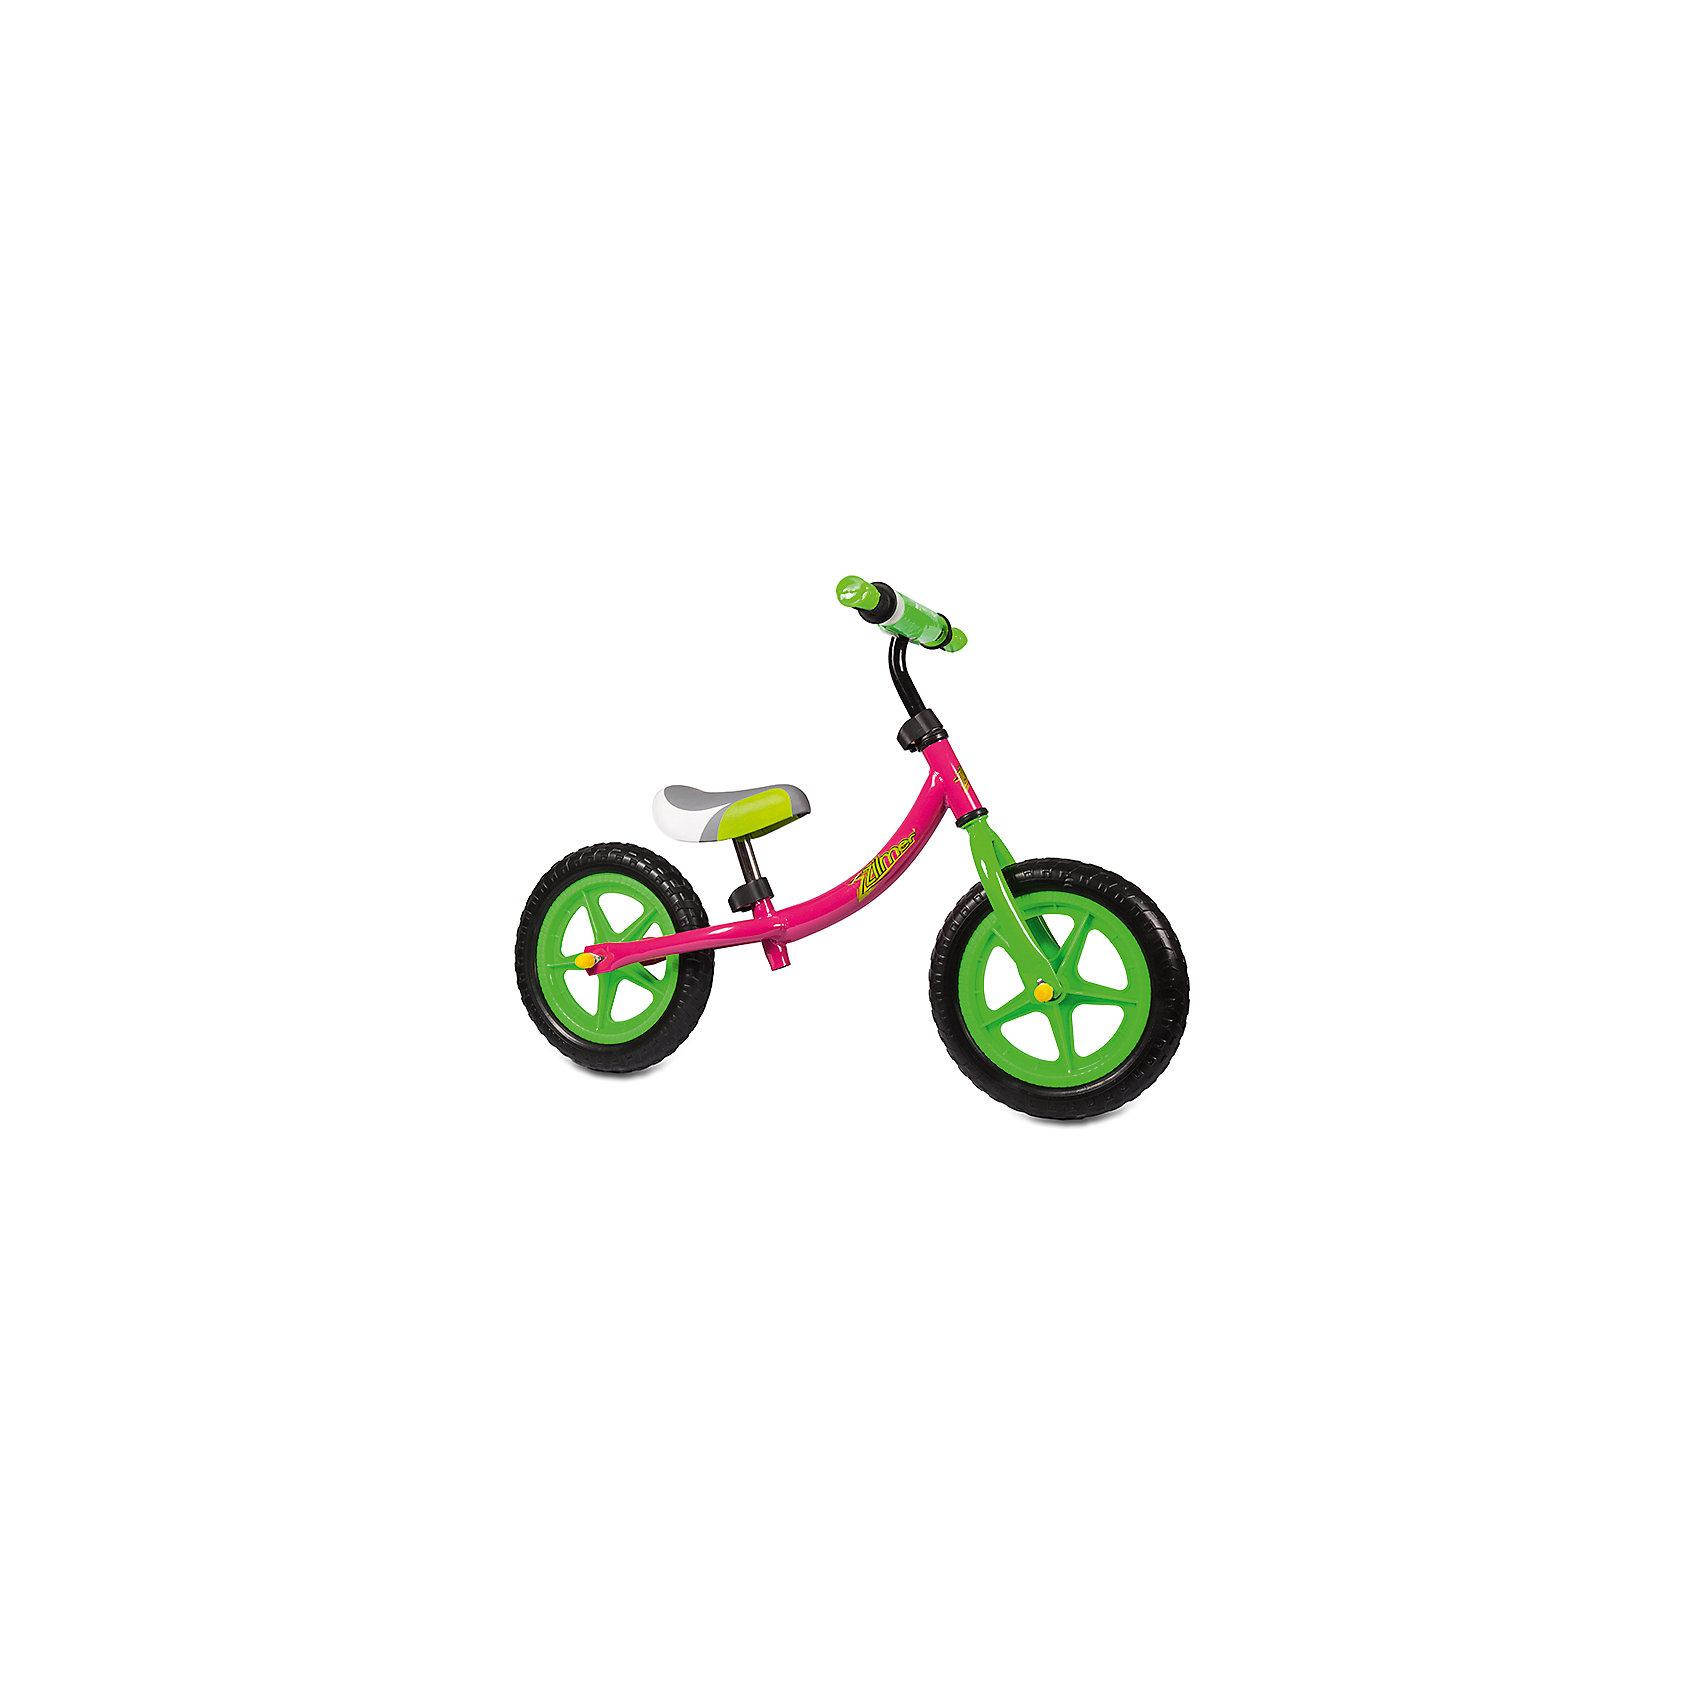 Беговел Голден Люкс, с регулируемой рамой, розовый, ZilmerБеговелы<br>Характеристики товара:<br><br>• материал: металл<br>• цвет: розовый<br>• диаметр колес: 12<br>• материал колес: EVA<br>• удобный руль с мягкой накладкой<br>• безопасные ручки<br>• регулируемая рама<br>• надежные материалы<br>• рама регулируется<br>• беговел растет с ребенком<br>• продуманная конструкция<br>• яркий цвет<br>• возраст: от 2 лет<br>• размер: 58x31x15 см<br>• вес: 2 кг<br>• страна производства: Китай<br><br>Подарить малышу такой беговел - значит, помочь развитию ребенка. Он способствует скорейшему развитию способности ориентироваться в пространстве, умению держать равновесие, развивает логику, мышление и ловкость. Помимо этого, кататься на нём - очень увлекательное занятие!<br><br>Беговел разработан специально для малышей, которым еще рано осваивать велосипед. Он чем-то похож на самокат: нужно отталкиваться от пола ногами, педалей нет. С помощью ручек малыши легко удержат равновесие. Данная модель выполнена в ярком дизайне, отличается продуманной конструкцией и деталями, которые обеспечивают безопасность ребенка. Отличный подарок для активного малыша!<br><br>Беговел Голден Люкс, с регулируемой рамой, розовый, от бренда Zilmer можно купить в нашем интернет-магазине.<br><br>Ширина мм: 580<br>Глубина мм: 150<br>Высота мм: 310<br>Вес г: 3900<br>Возраст от месяцев: 12<br>Возраст до месяцев: 36<br>Пол: Женский<br>Возраст: Детский<br>SKU: 5478505